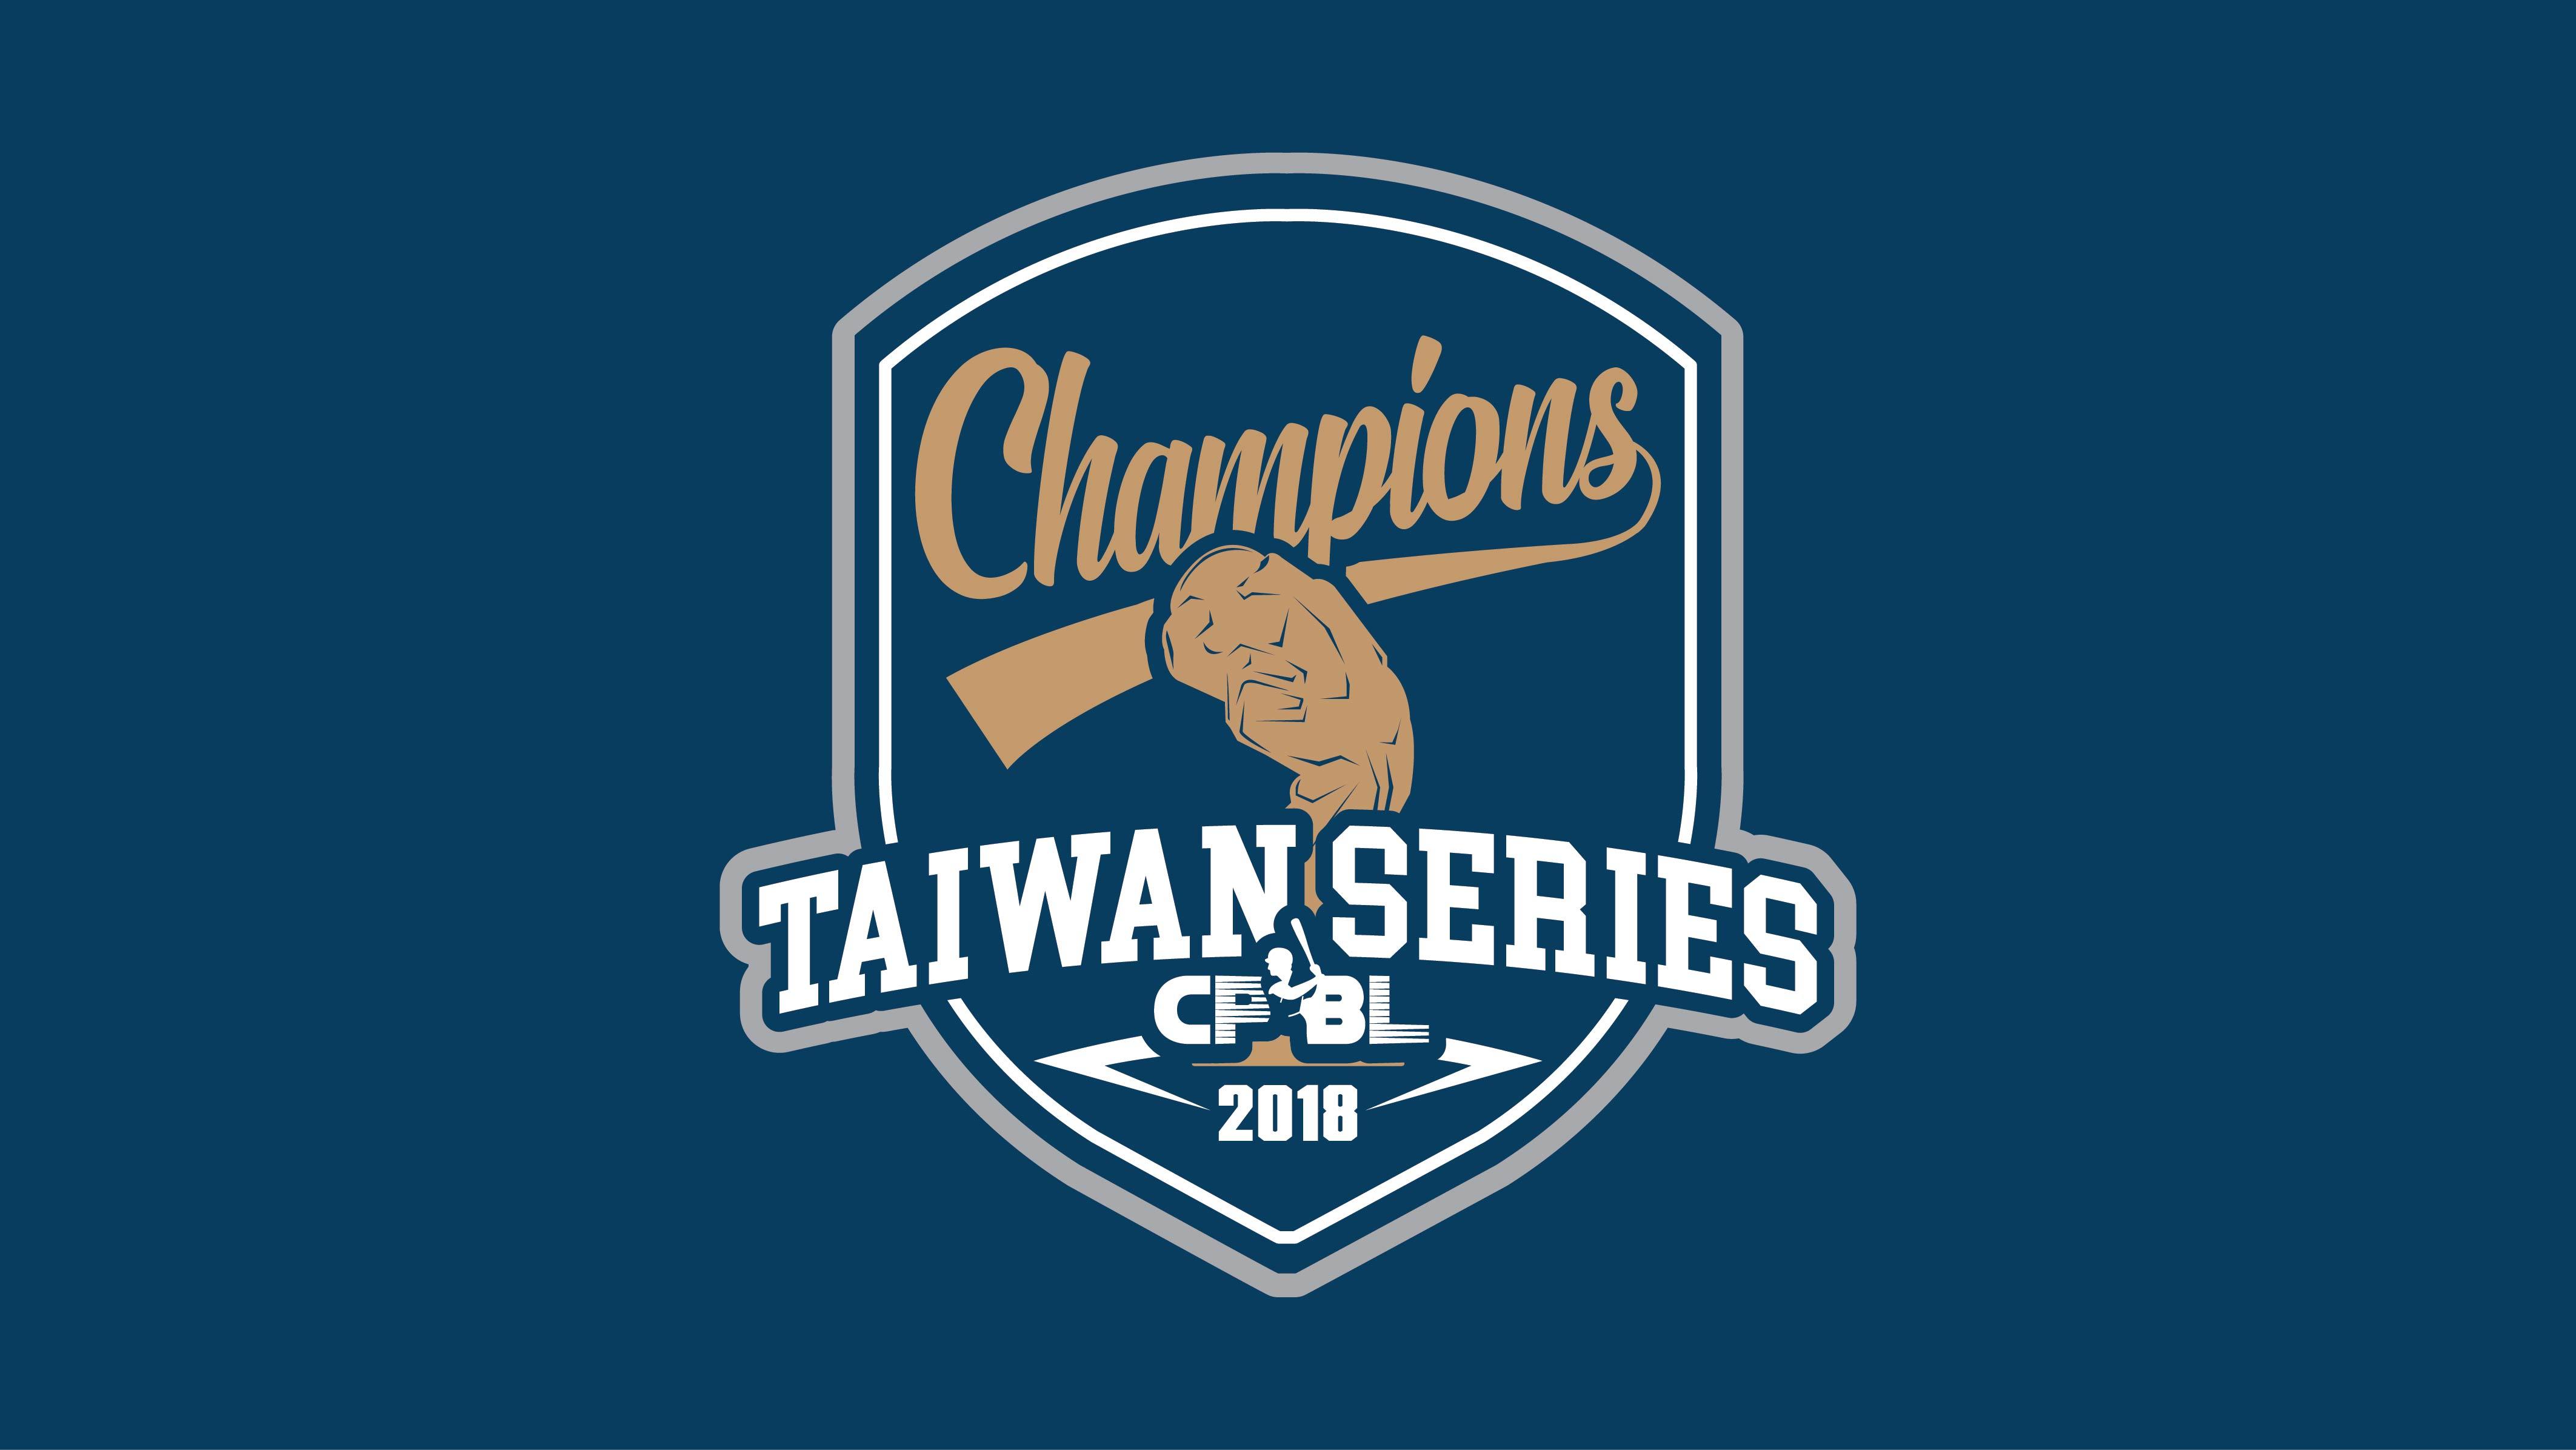 中華職棒 總冠軍戰 logo 直播